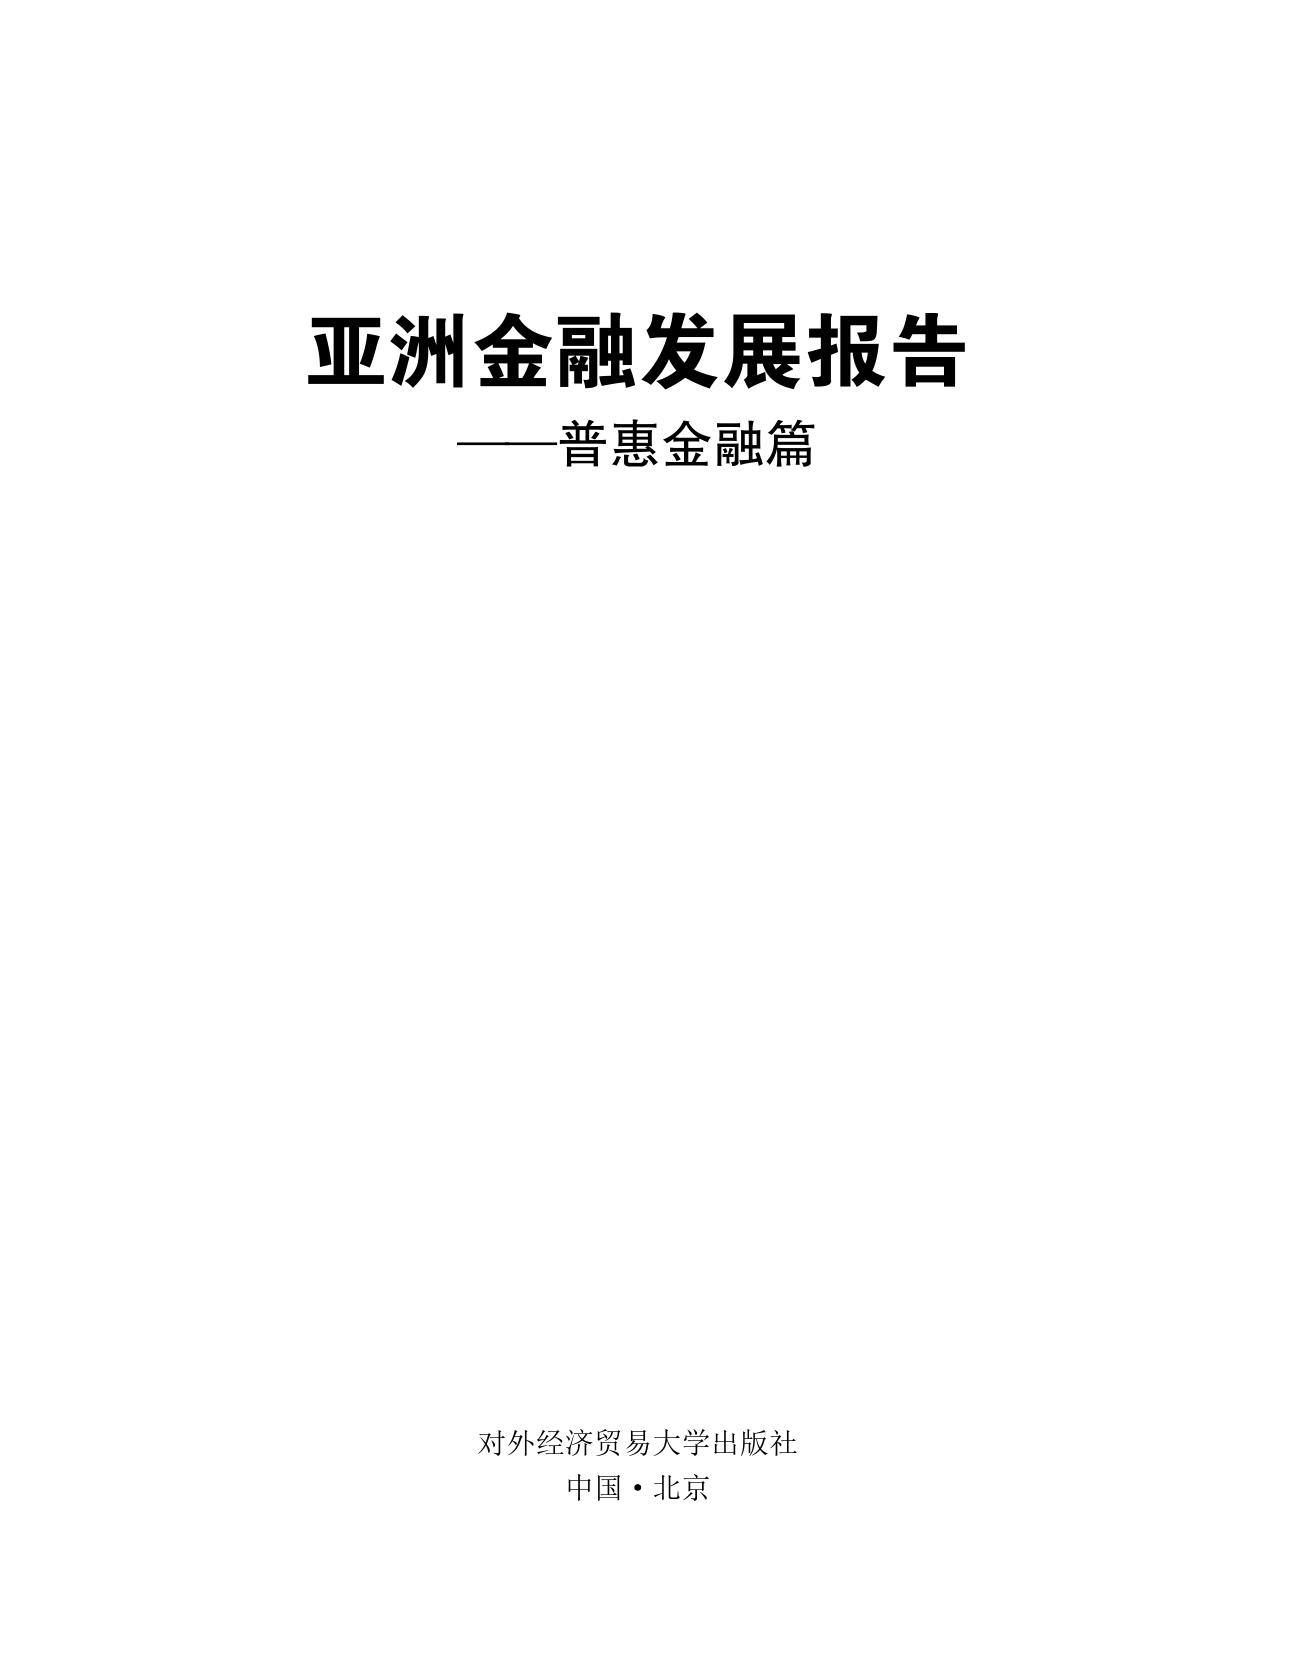 亚洲金融发展报告:普惠金融篇